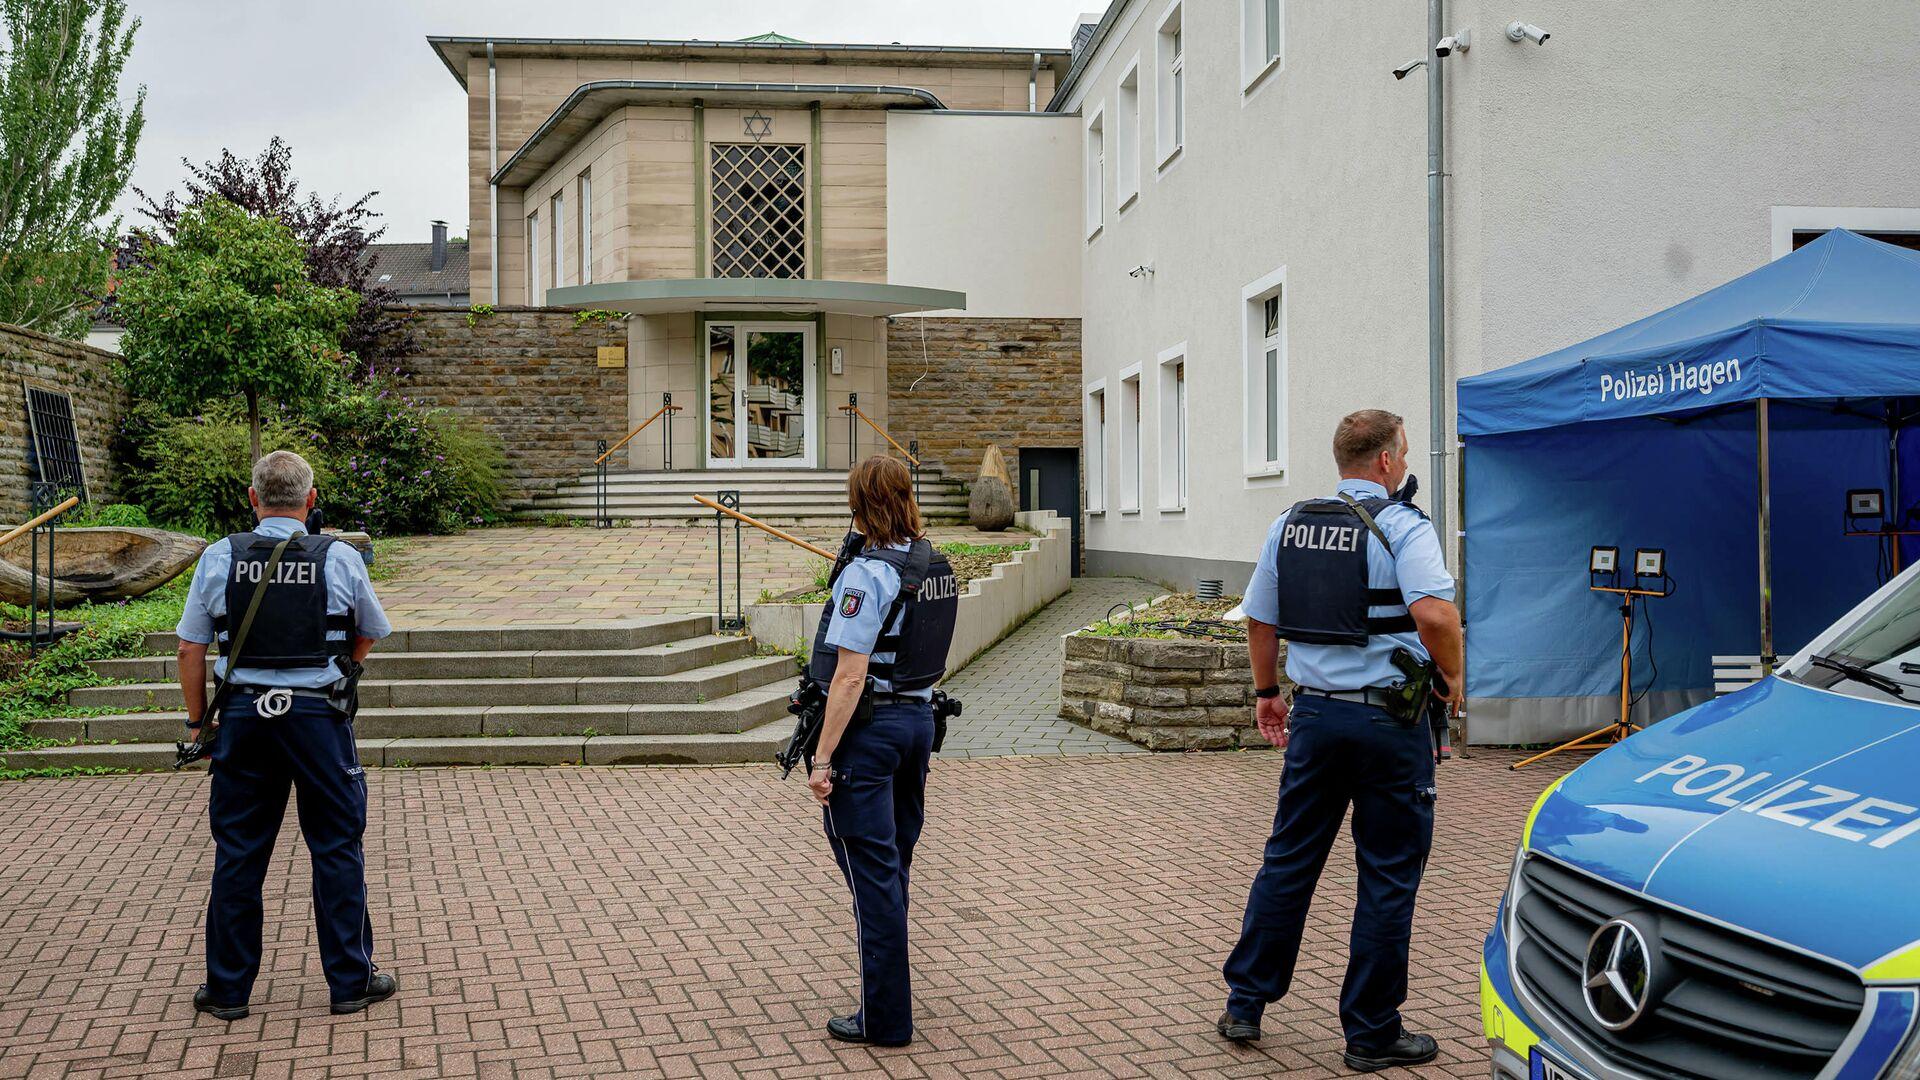 Polizei vor der Hagener Synagoge am 16. September 2021 - SNA, 1920, 17.09.2021